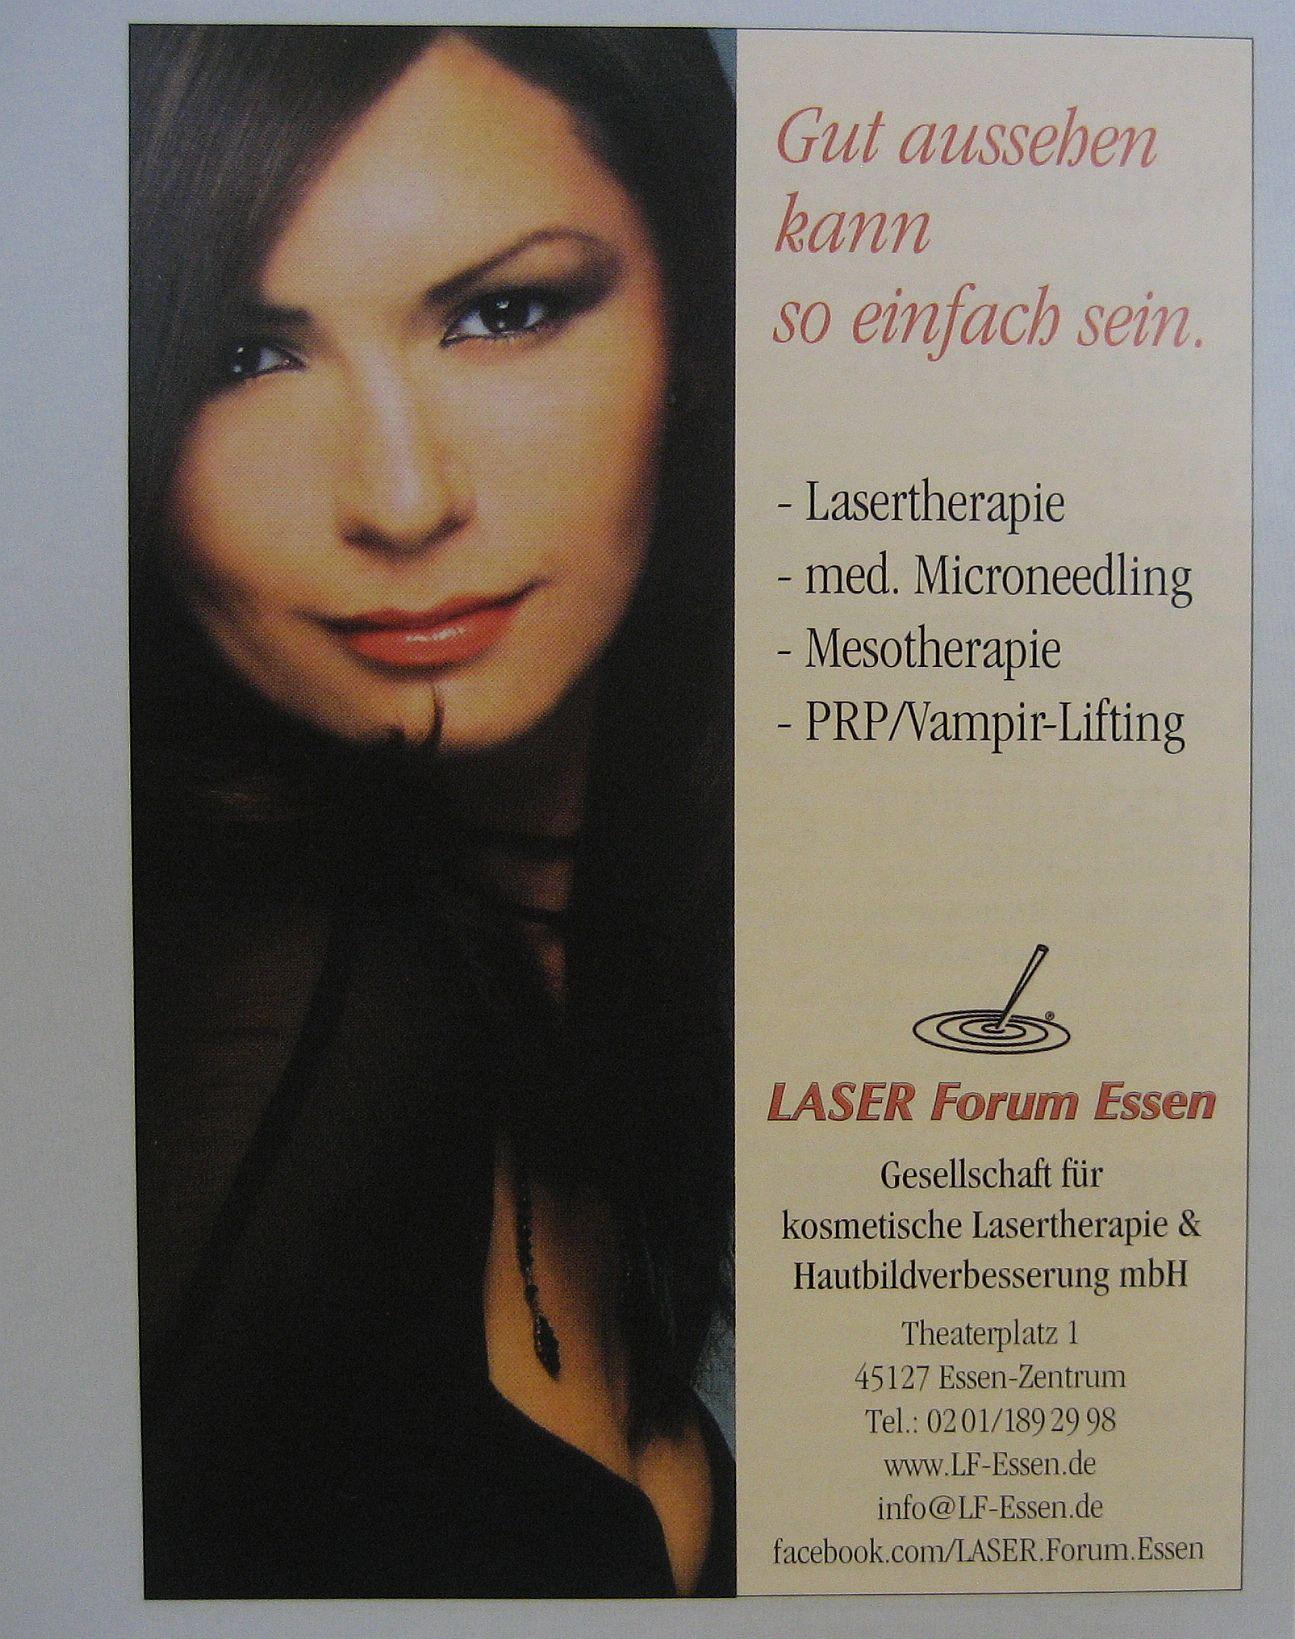 LASER Forum Essen GmbH